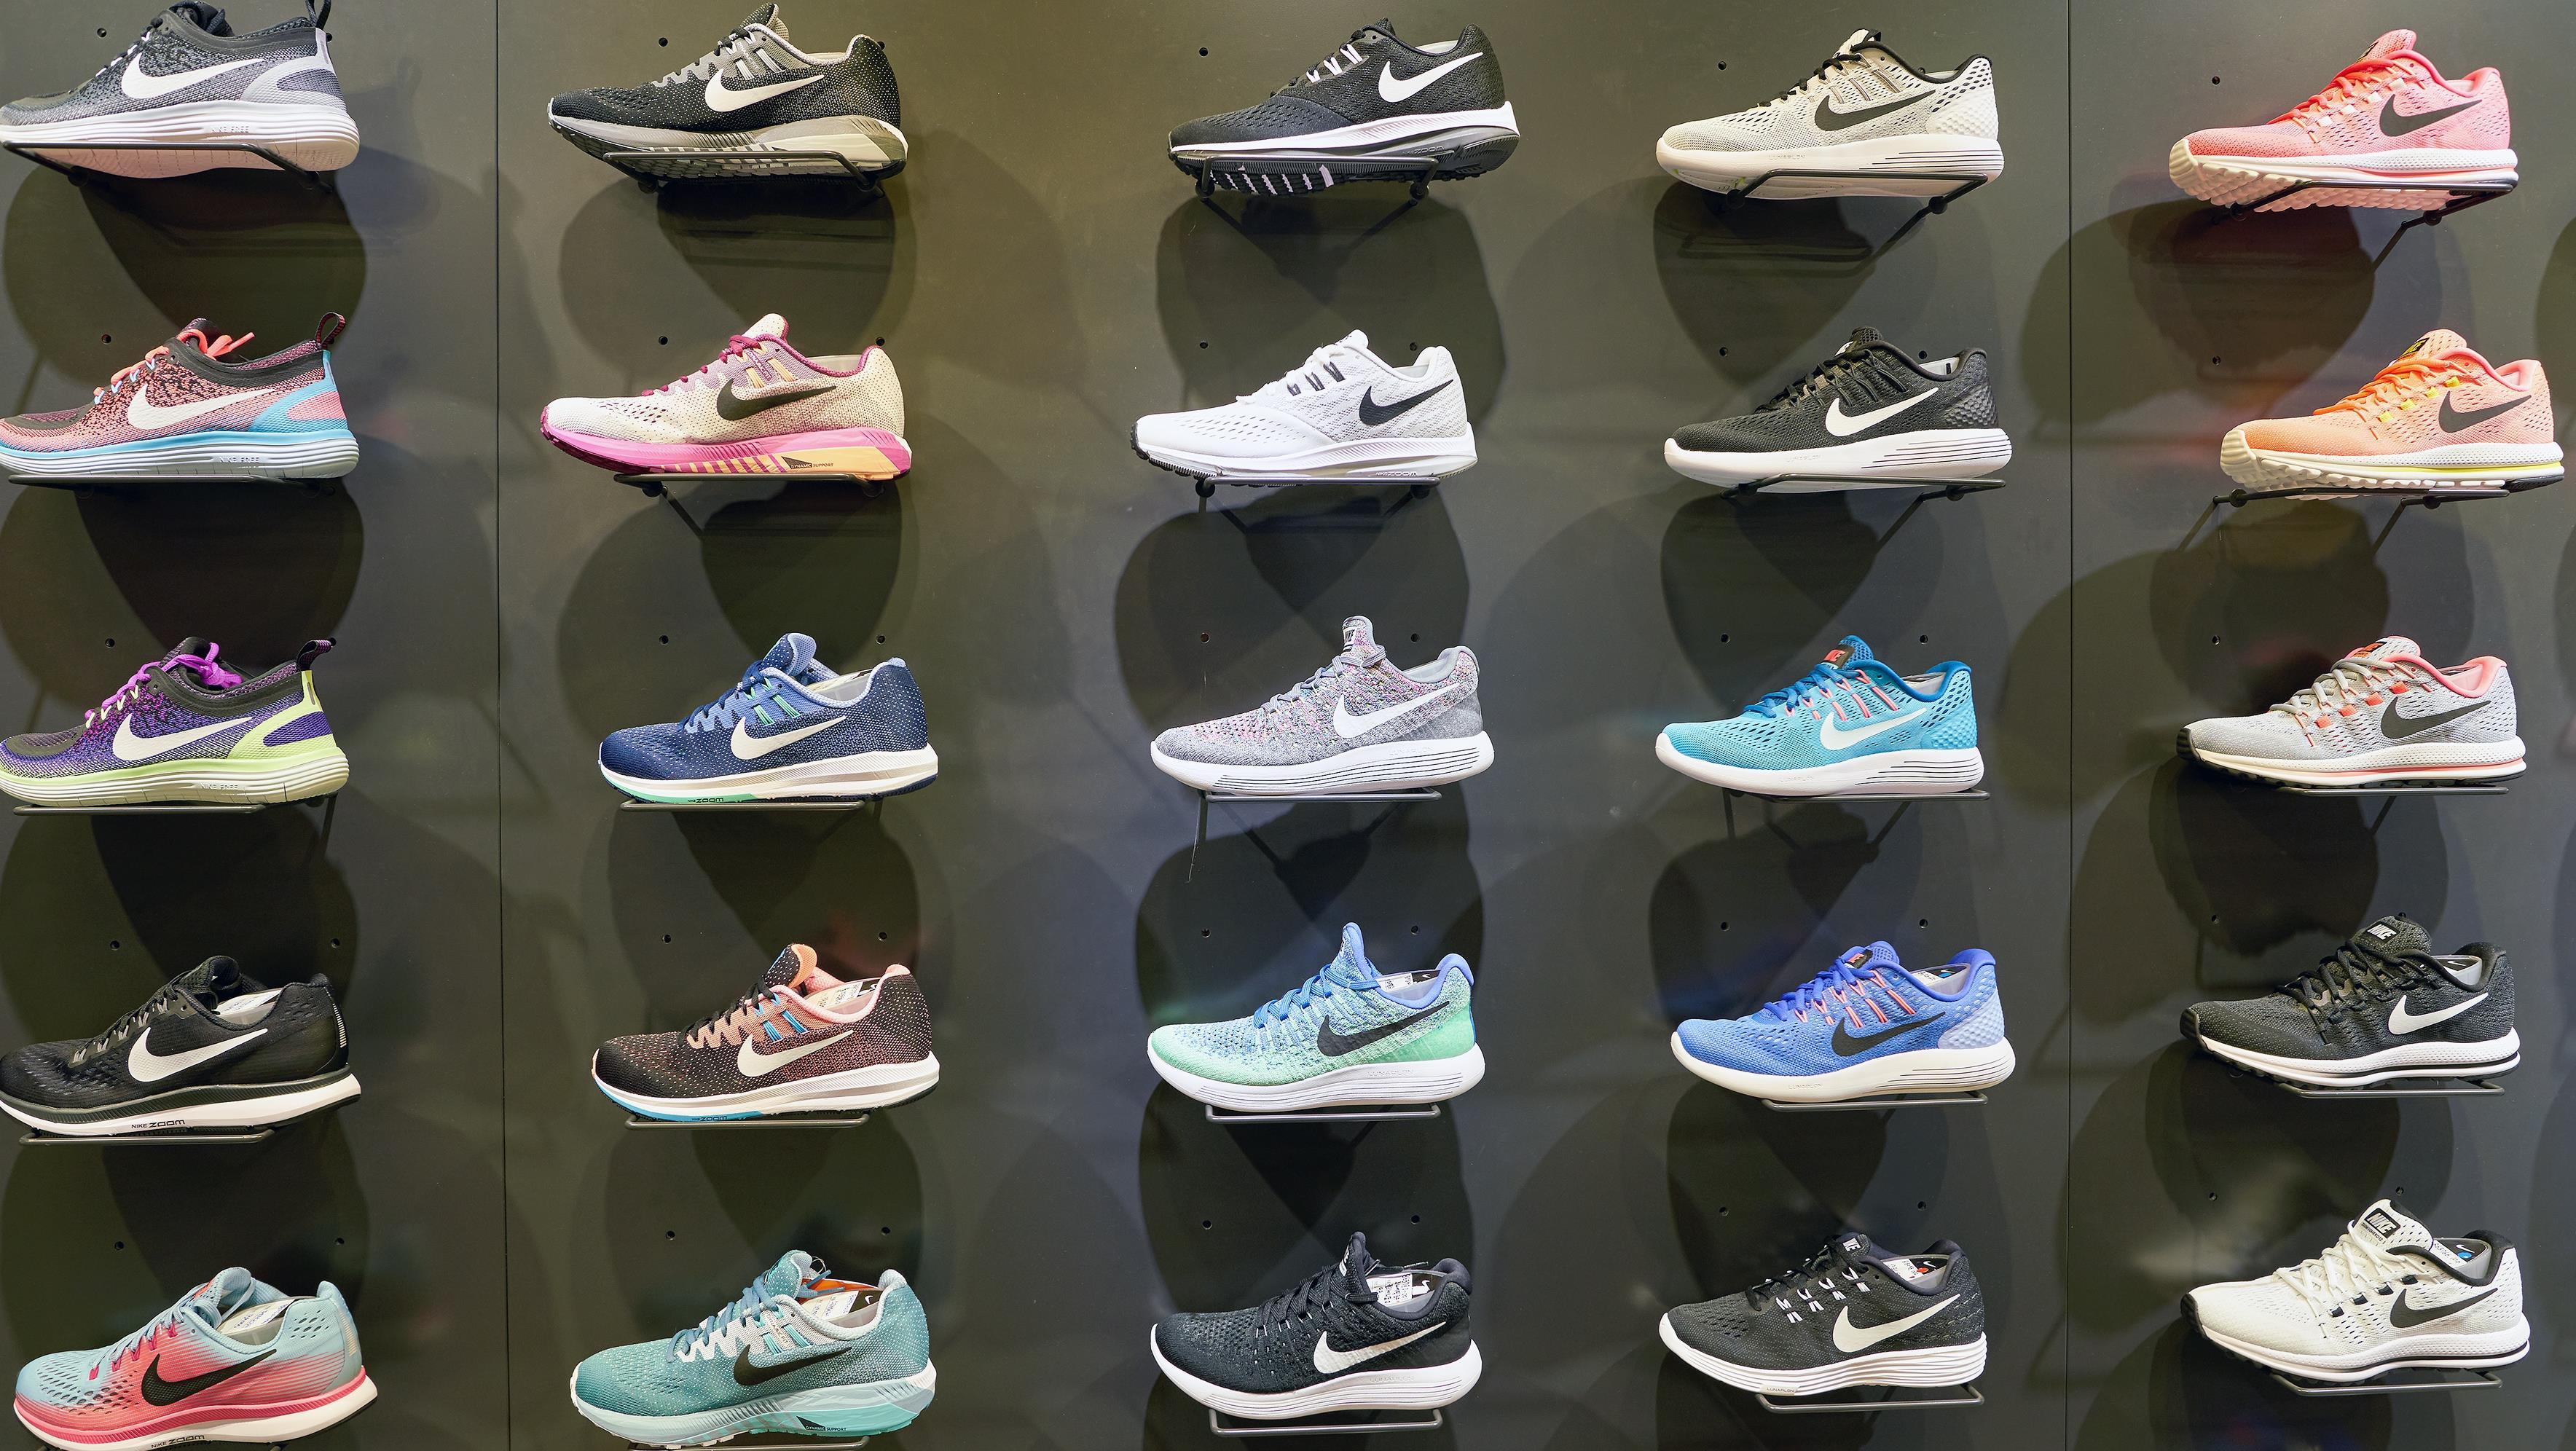 Przetestuj buty przed zakupem. Miesiąc z marką wrzesień